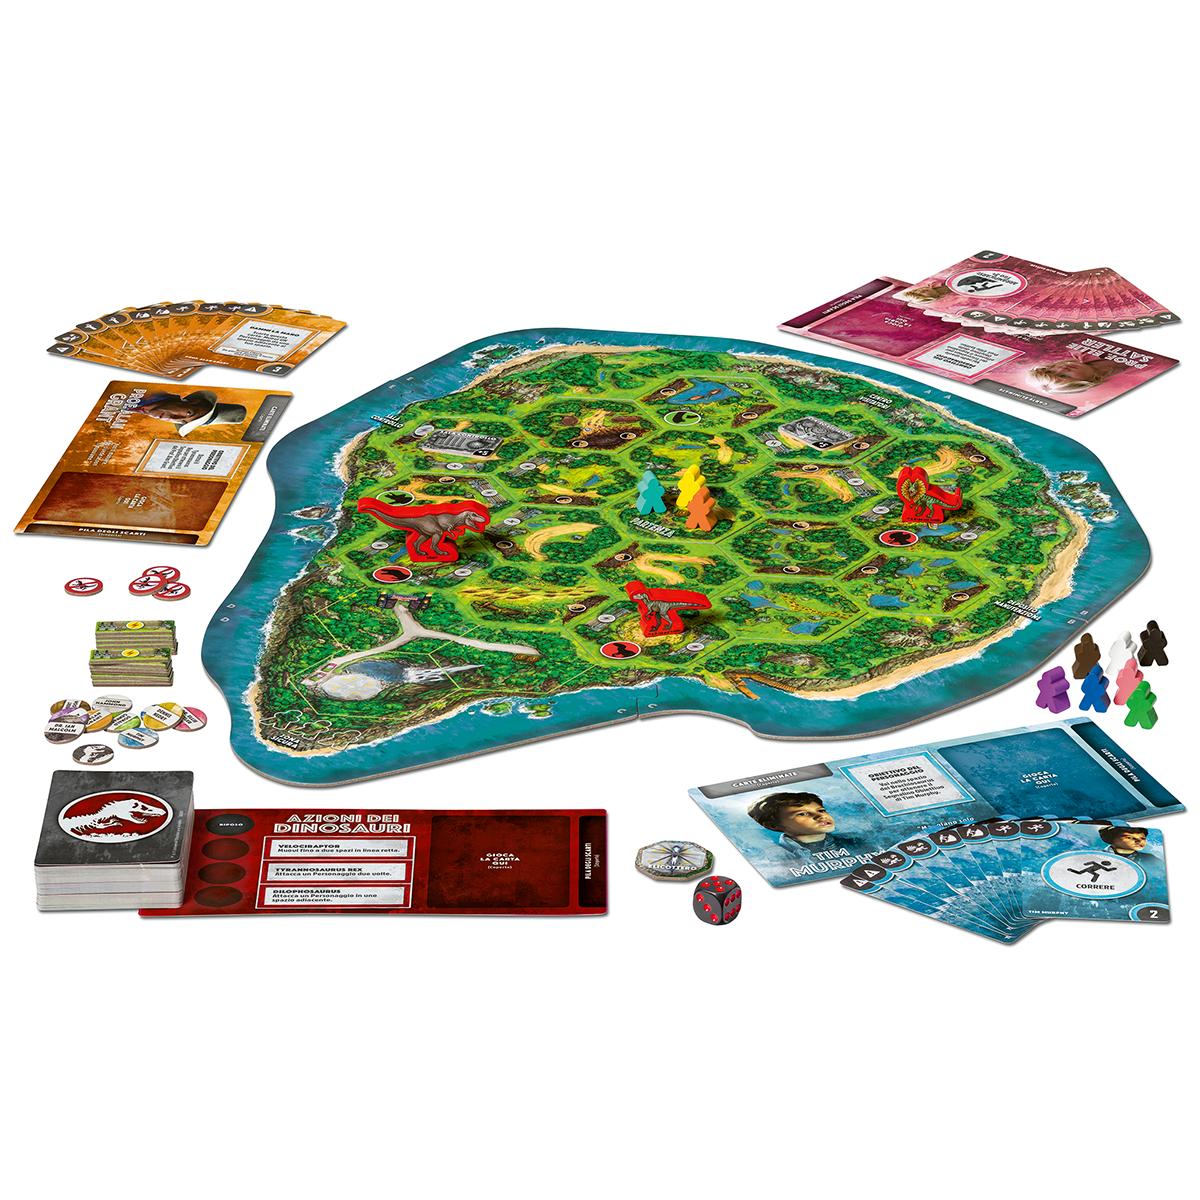 Ravensburger jurassic park danger gioco in scatola - Ravensburger1